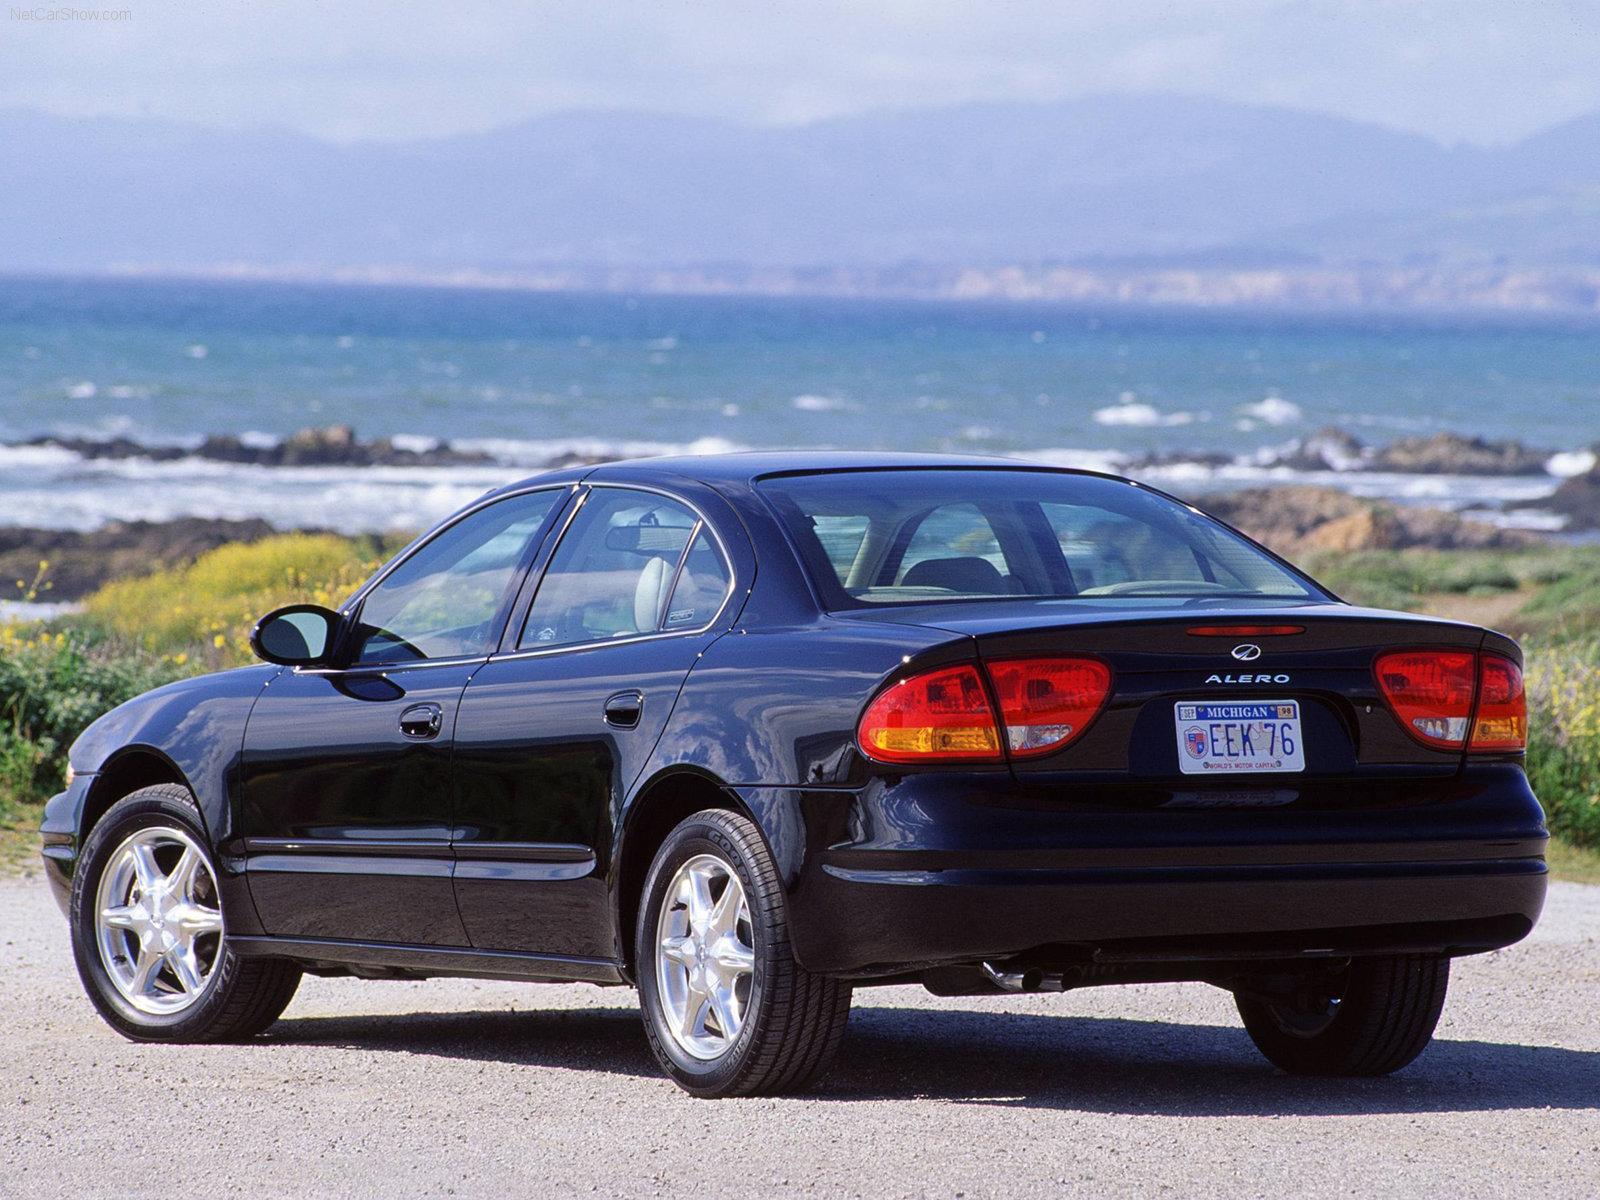 Hình ảnh xe ô tô Oldsmobile Alero 2000 & nội ngoại thất